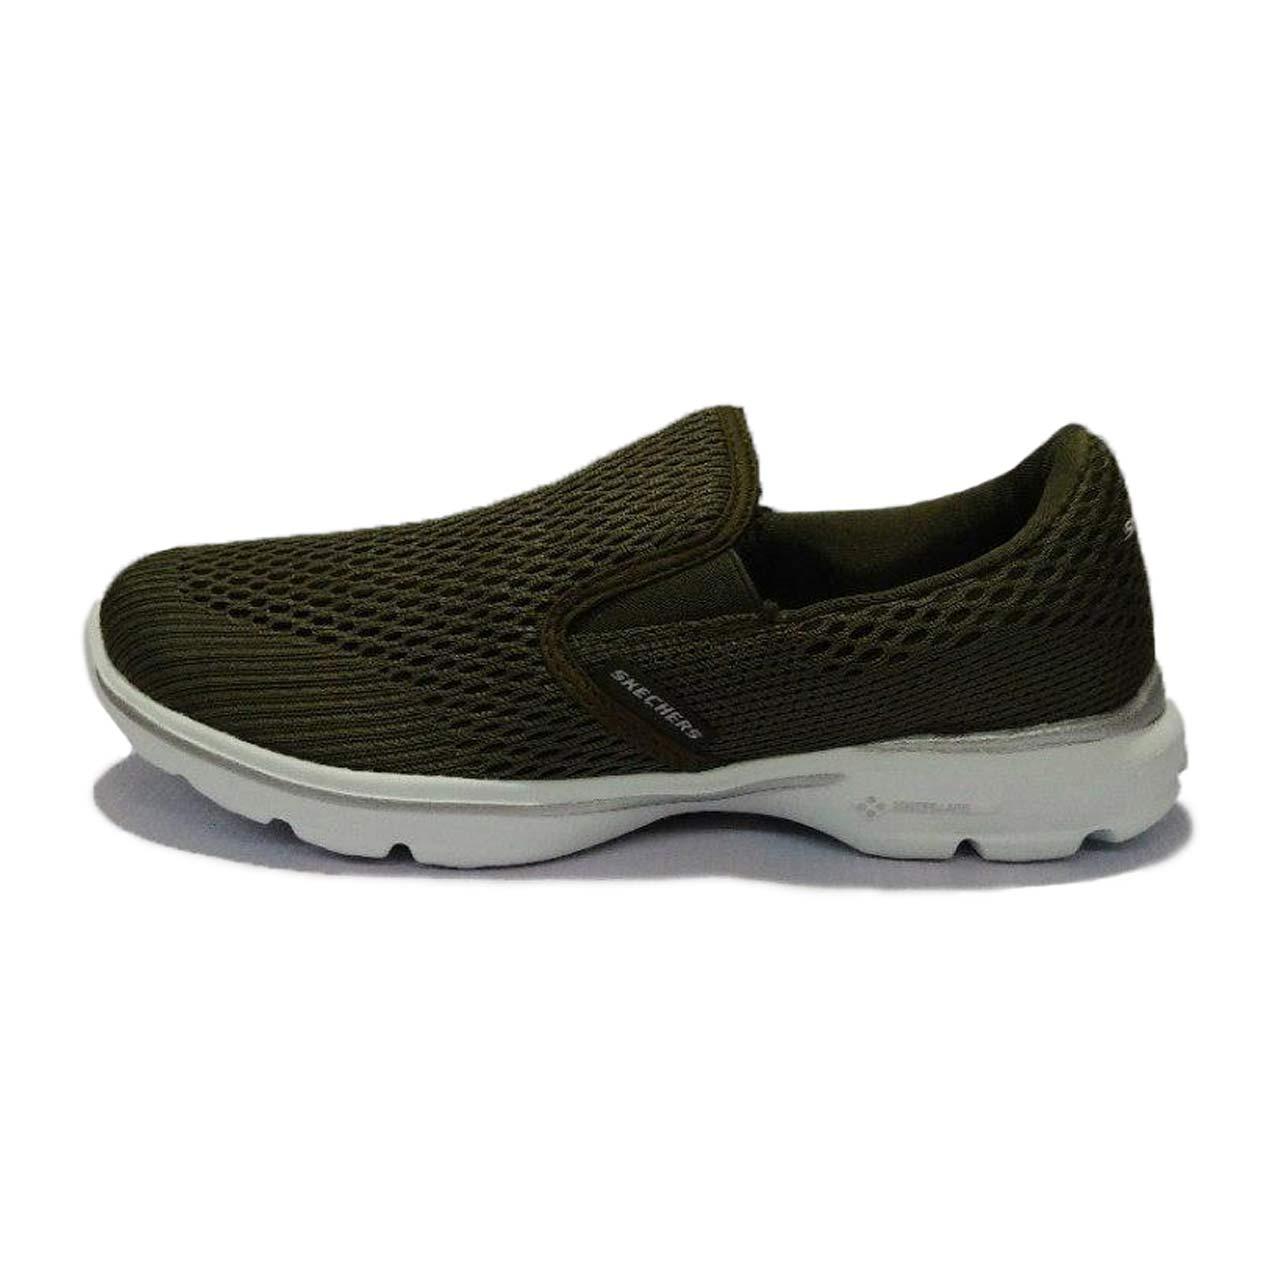 کفش مخصوص پیاده روی زنانه اسکچرز مدل go walk 3-Green